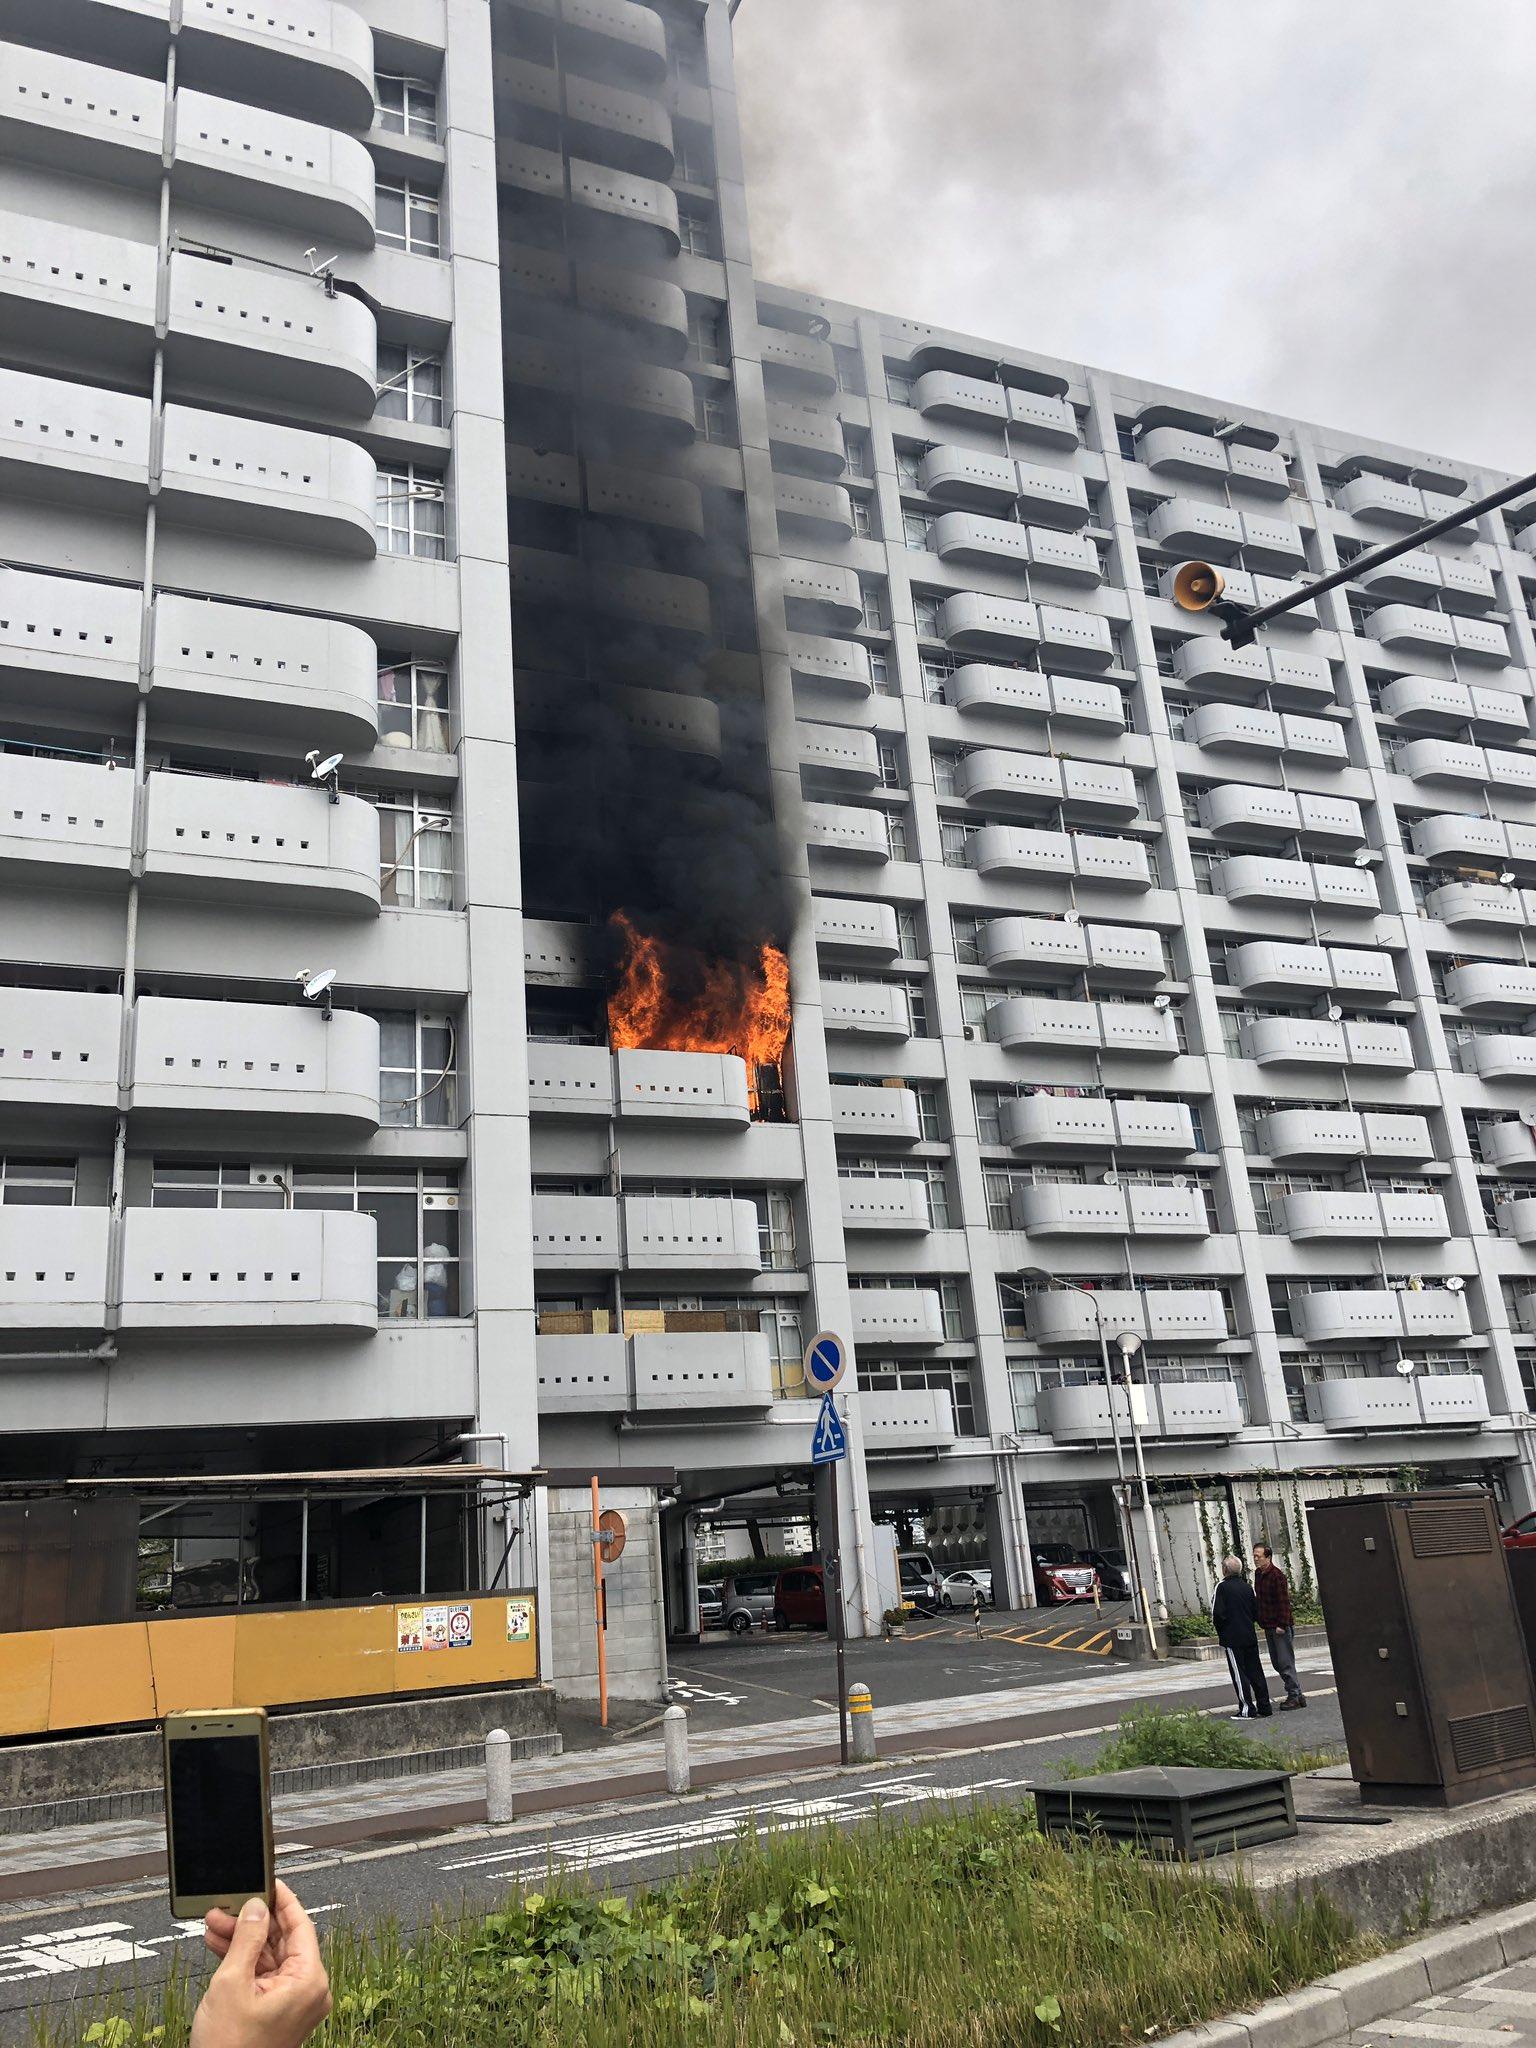 白島町の県営アパートで火事が起きてる現場の画像